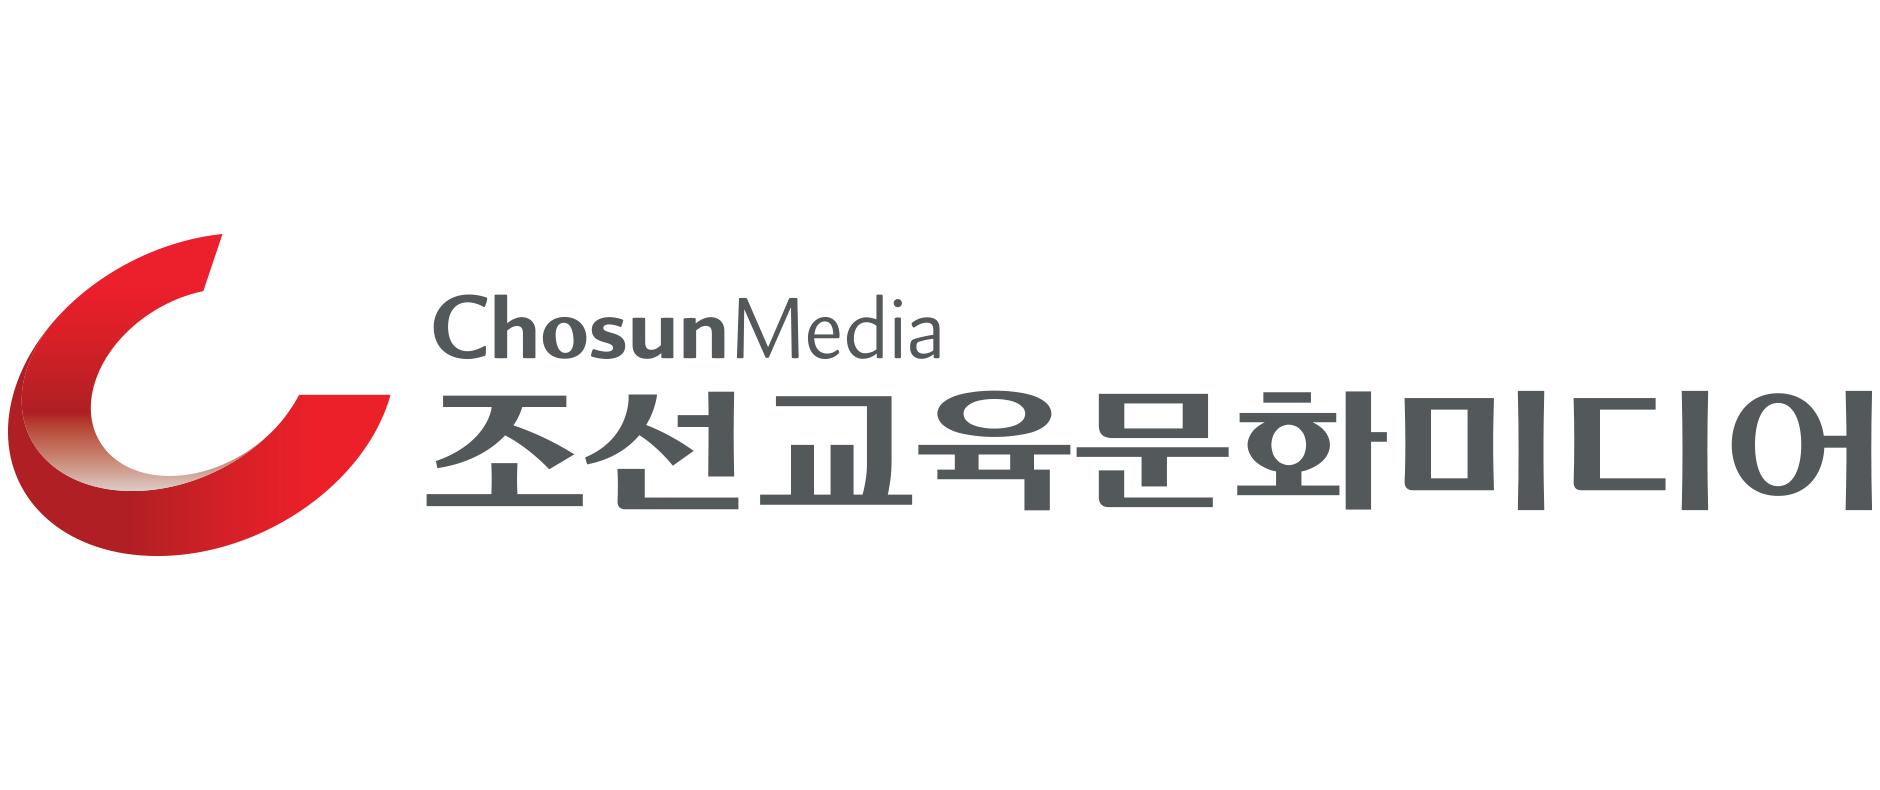 (주)조선교육문화미디어의 기업로고